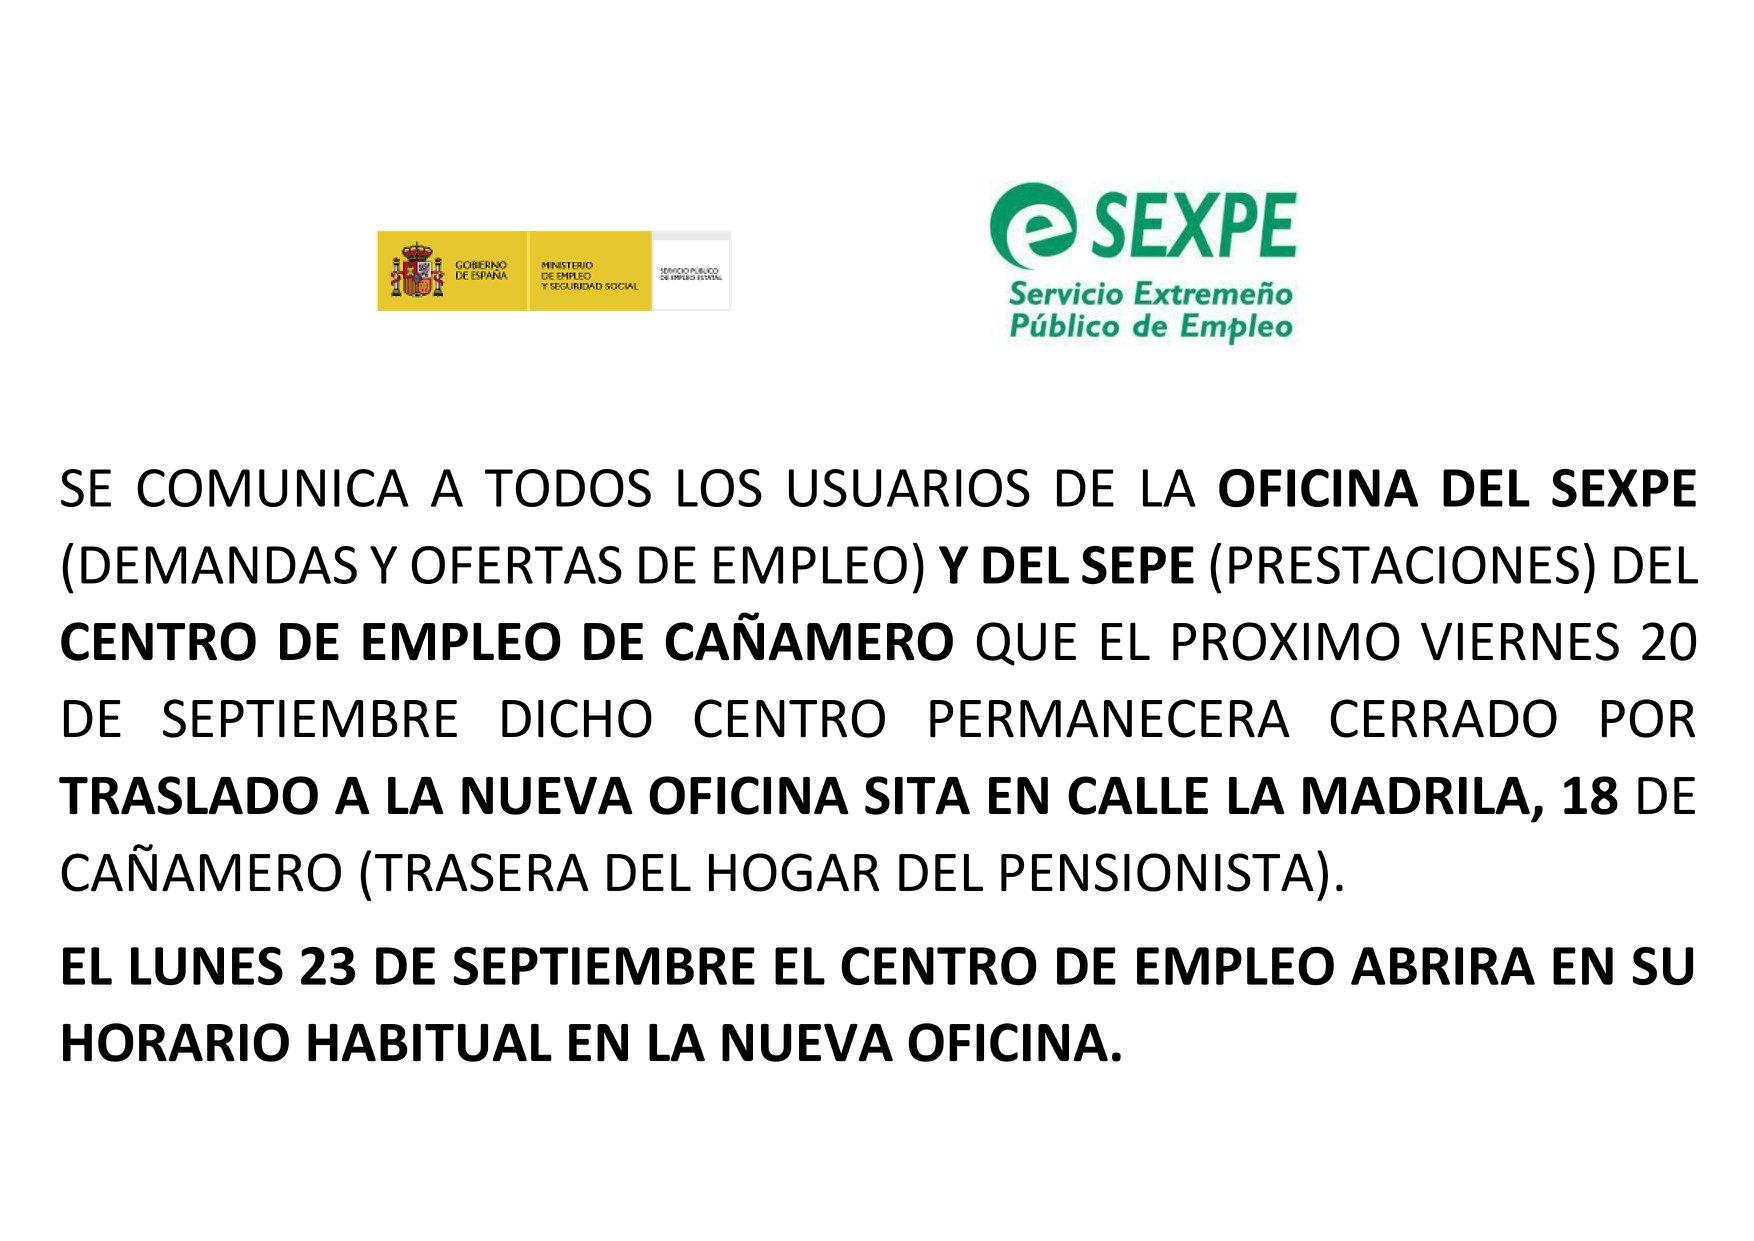 Traslado del centro de empleo 2019 - Cañamero (Cáceres)